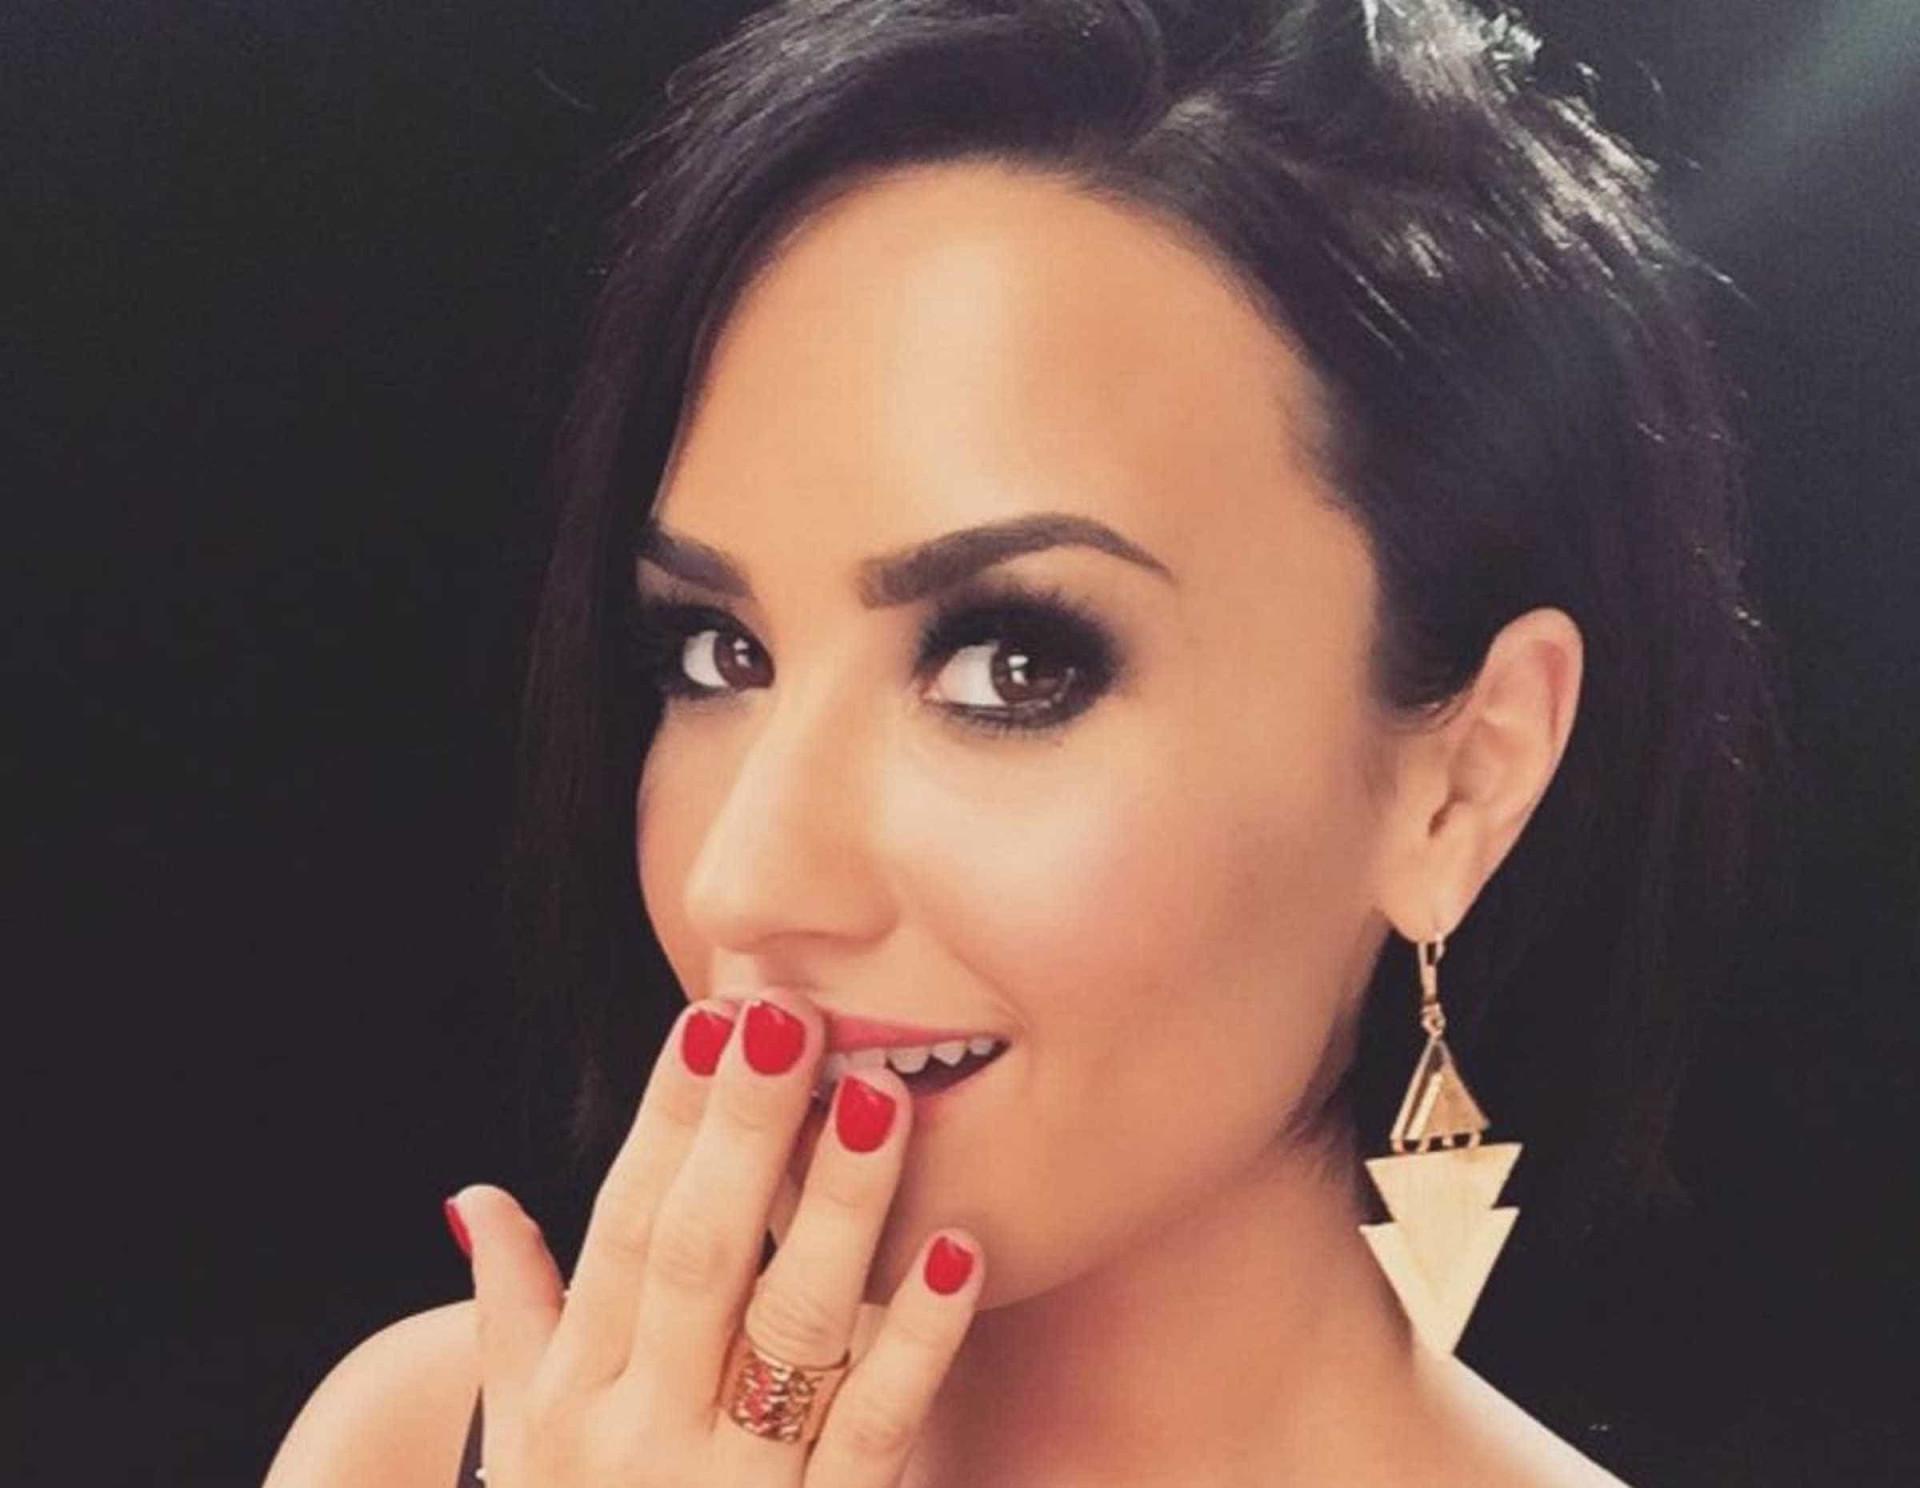 Demi Lovato causa polémica com foto em topless